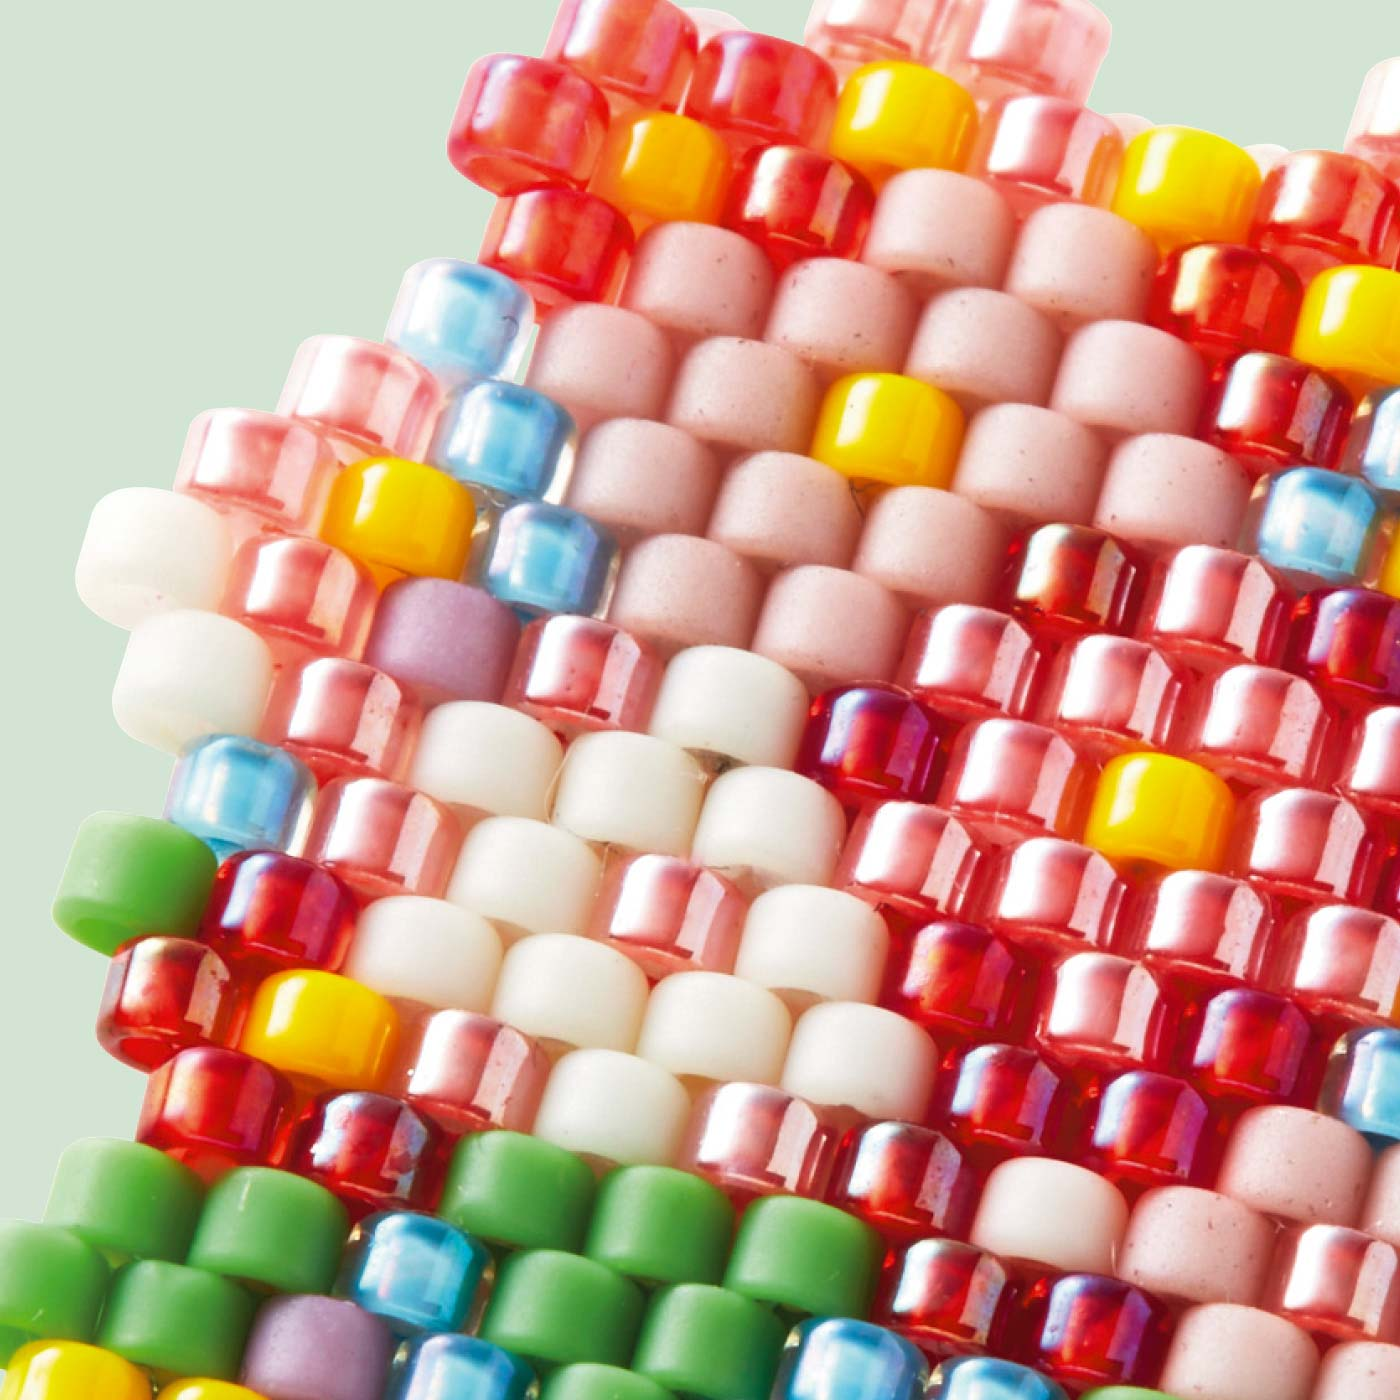 透明、オーロラ、つやつやなど、きれいな色のビーズがいっぱい!